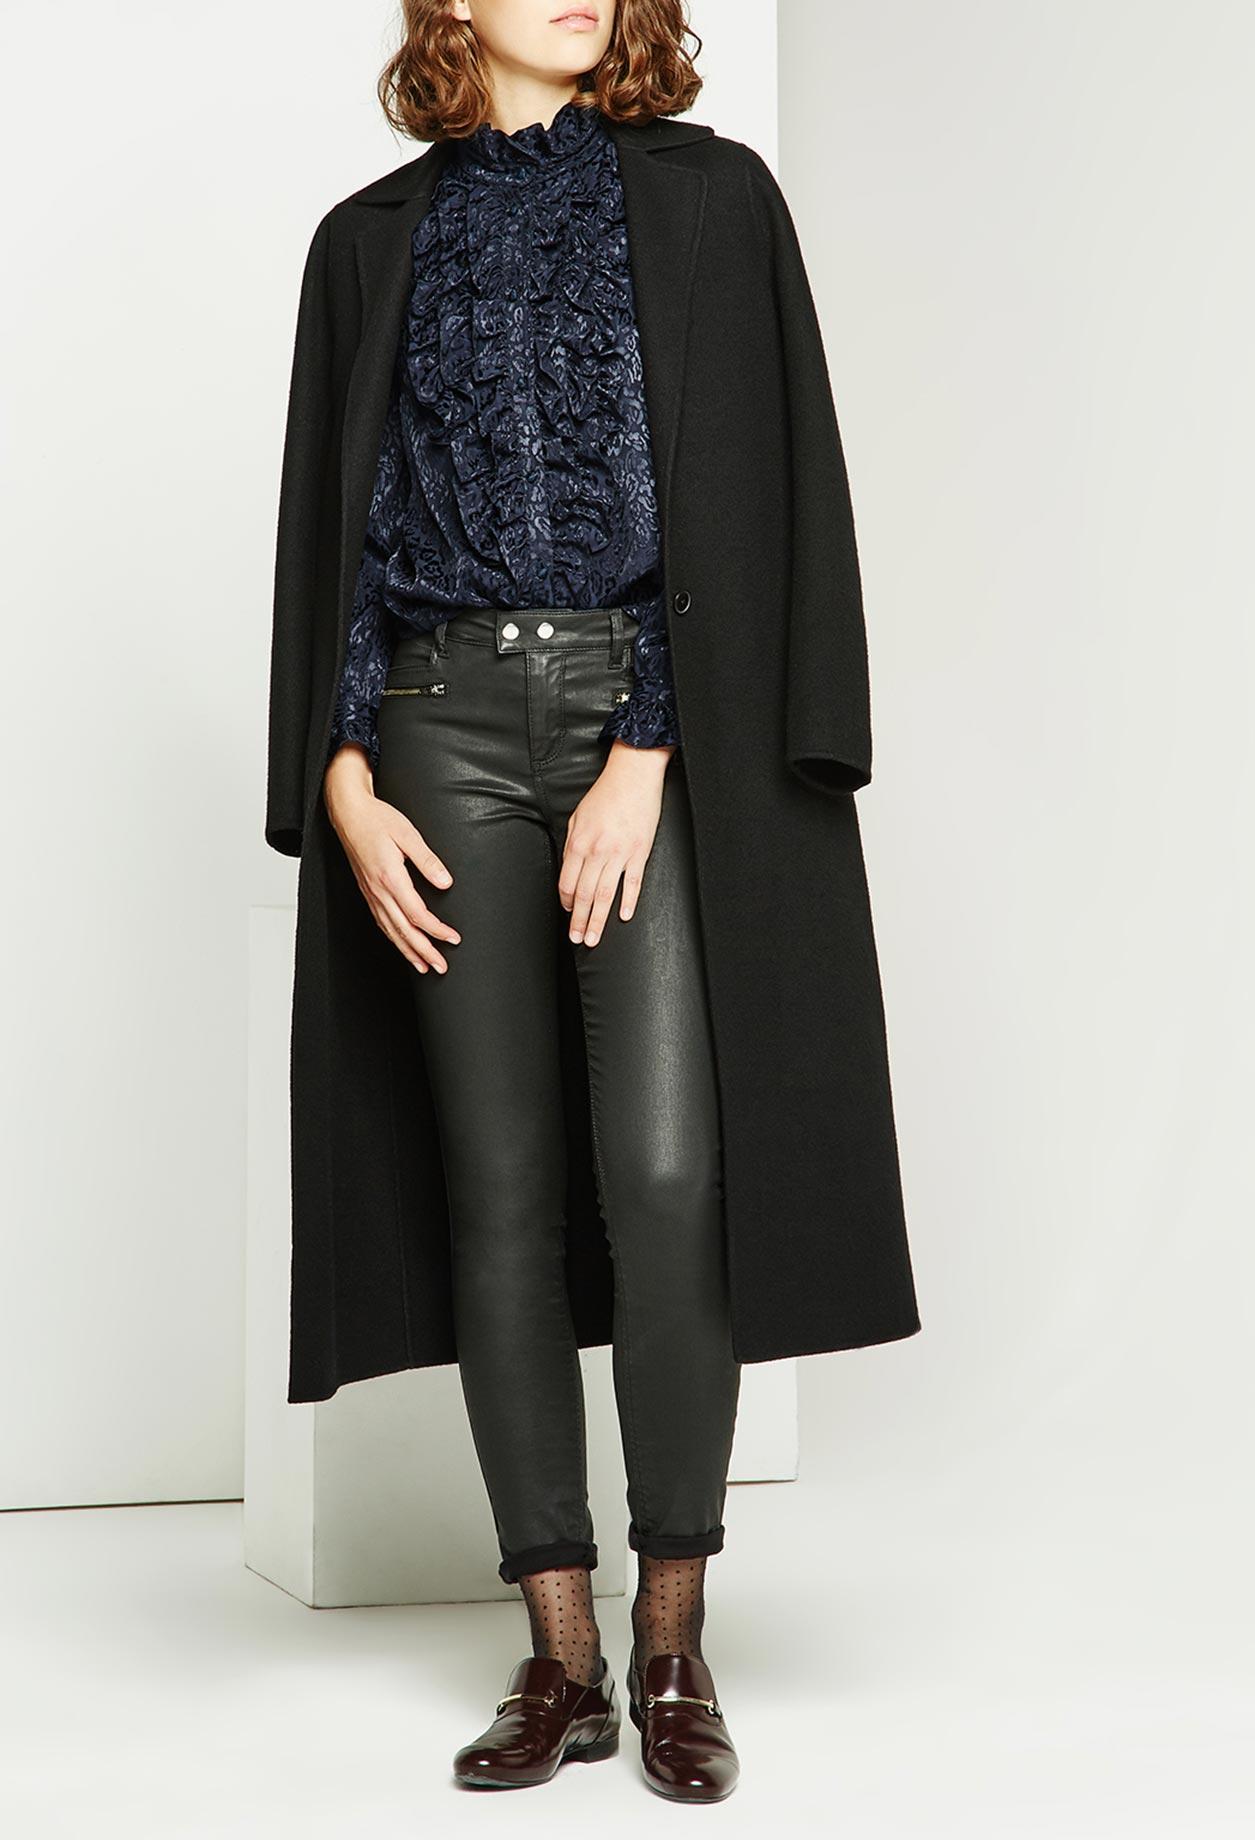 Manteau gracie noir claudie pierlot – Mode européenne 2018-2019 6e71d31af2ef